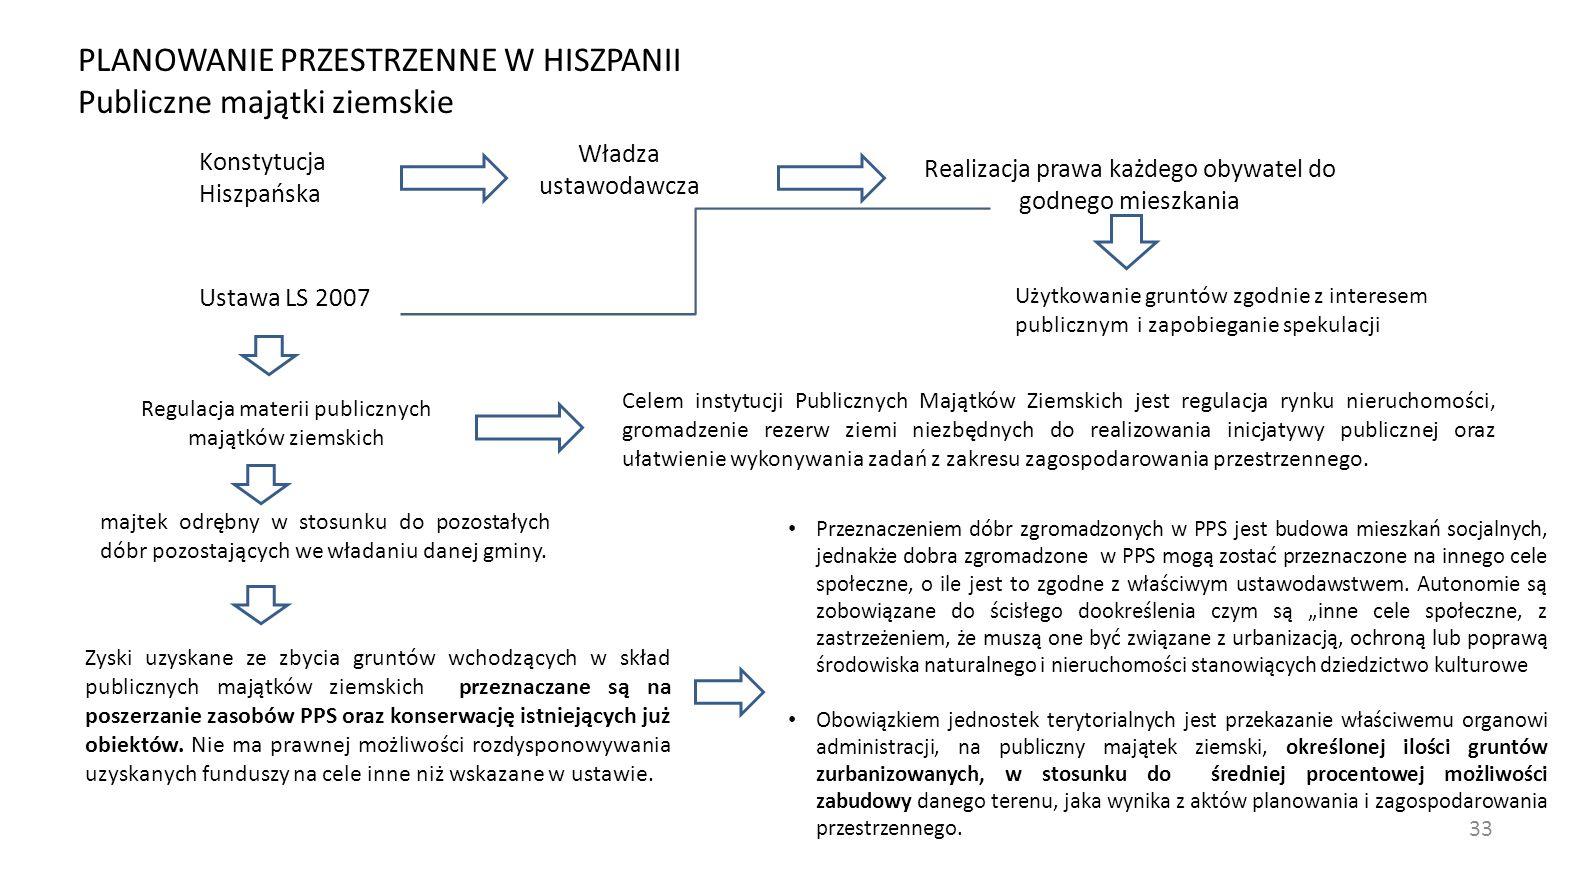 33 Regulacja materii publicznych majątków ziemskich Konstytucja Hiszpańska Władza ustawodawcza Realizacja prawa każdego obywatel do godnego mieszkania